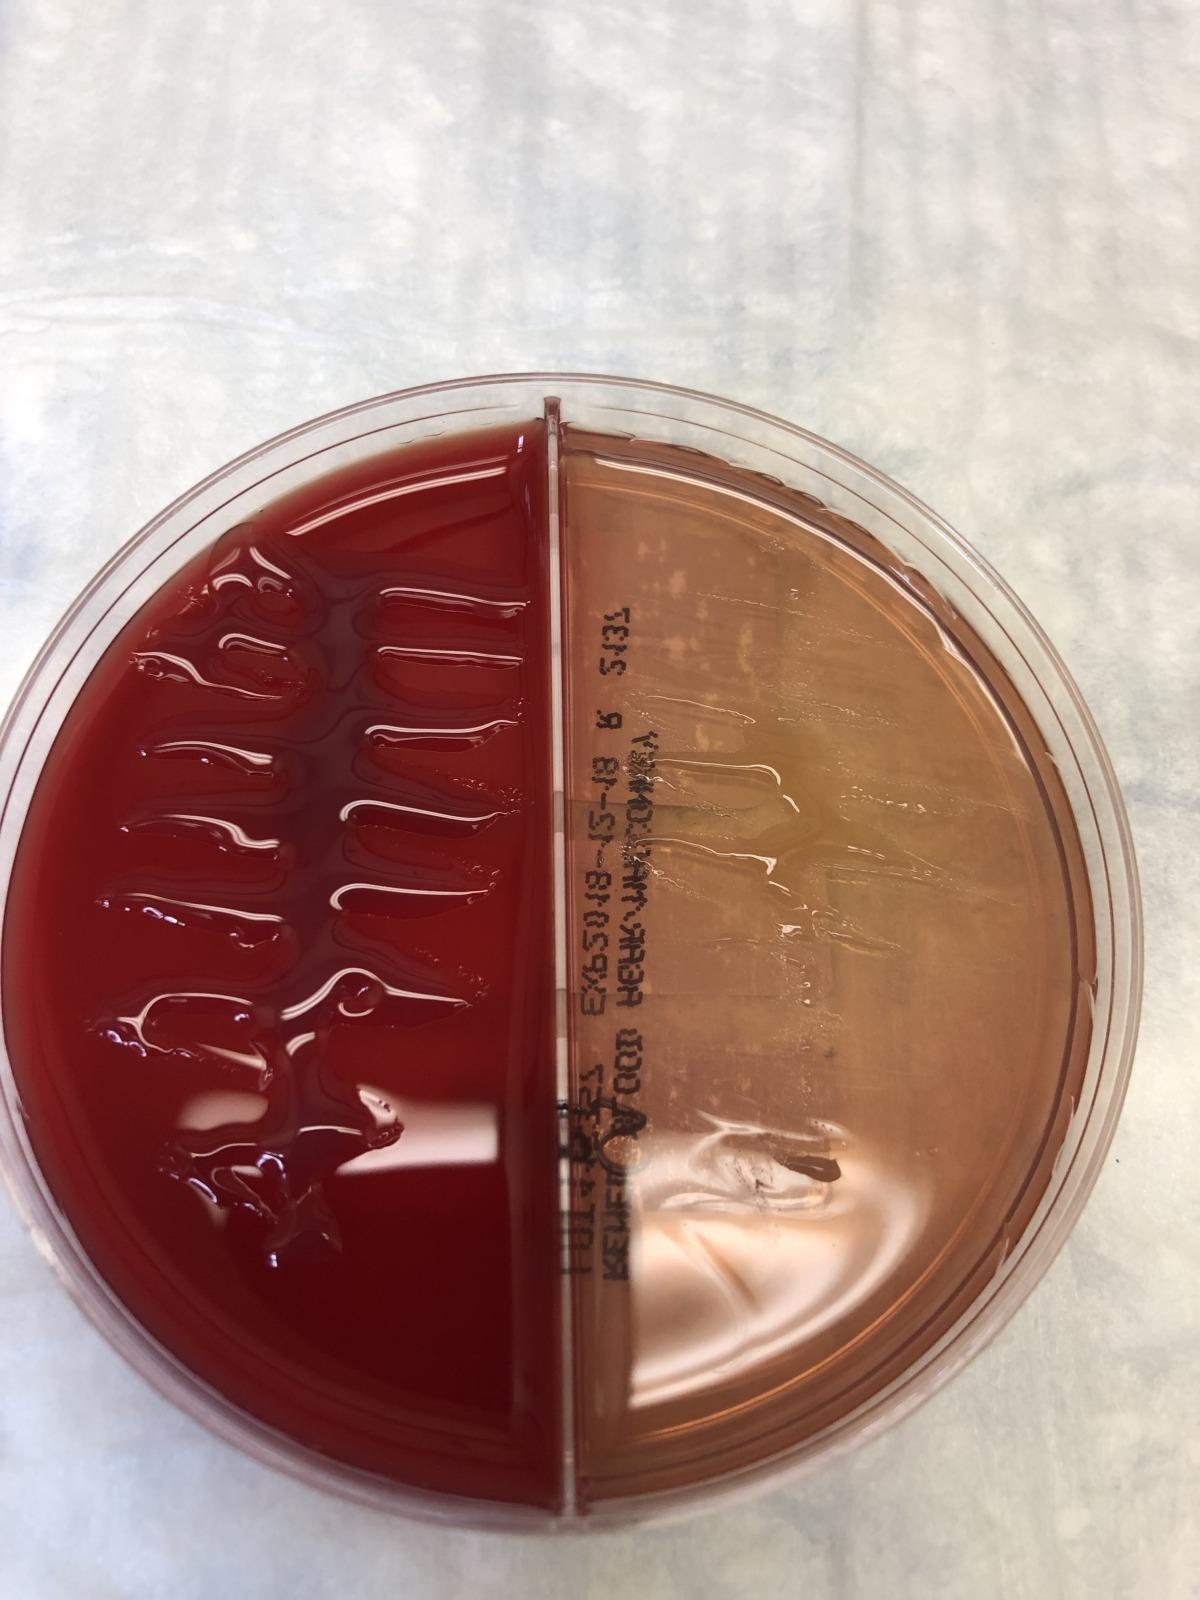 mucoid Pseudomonas aeruginosa